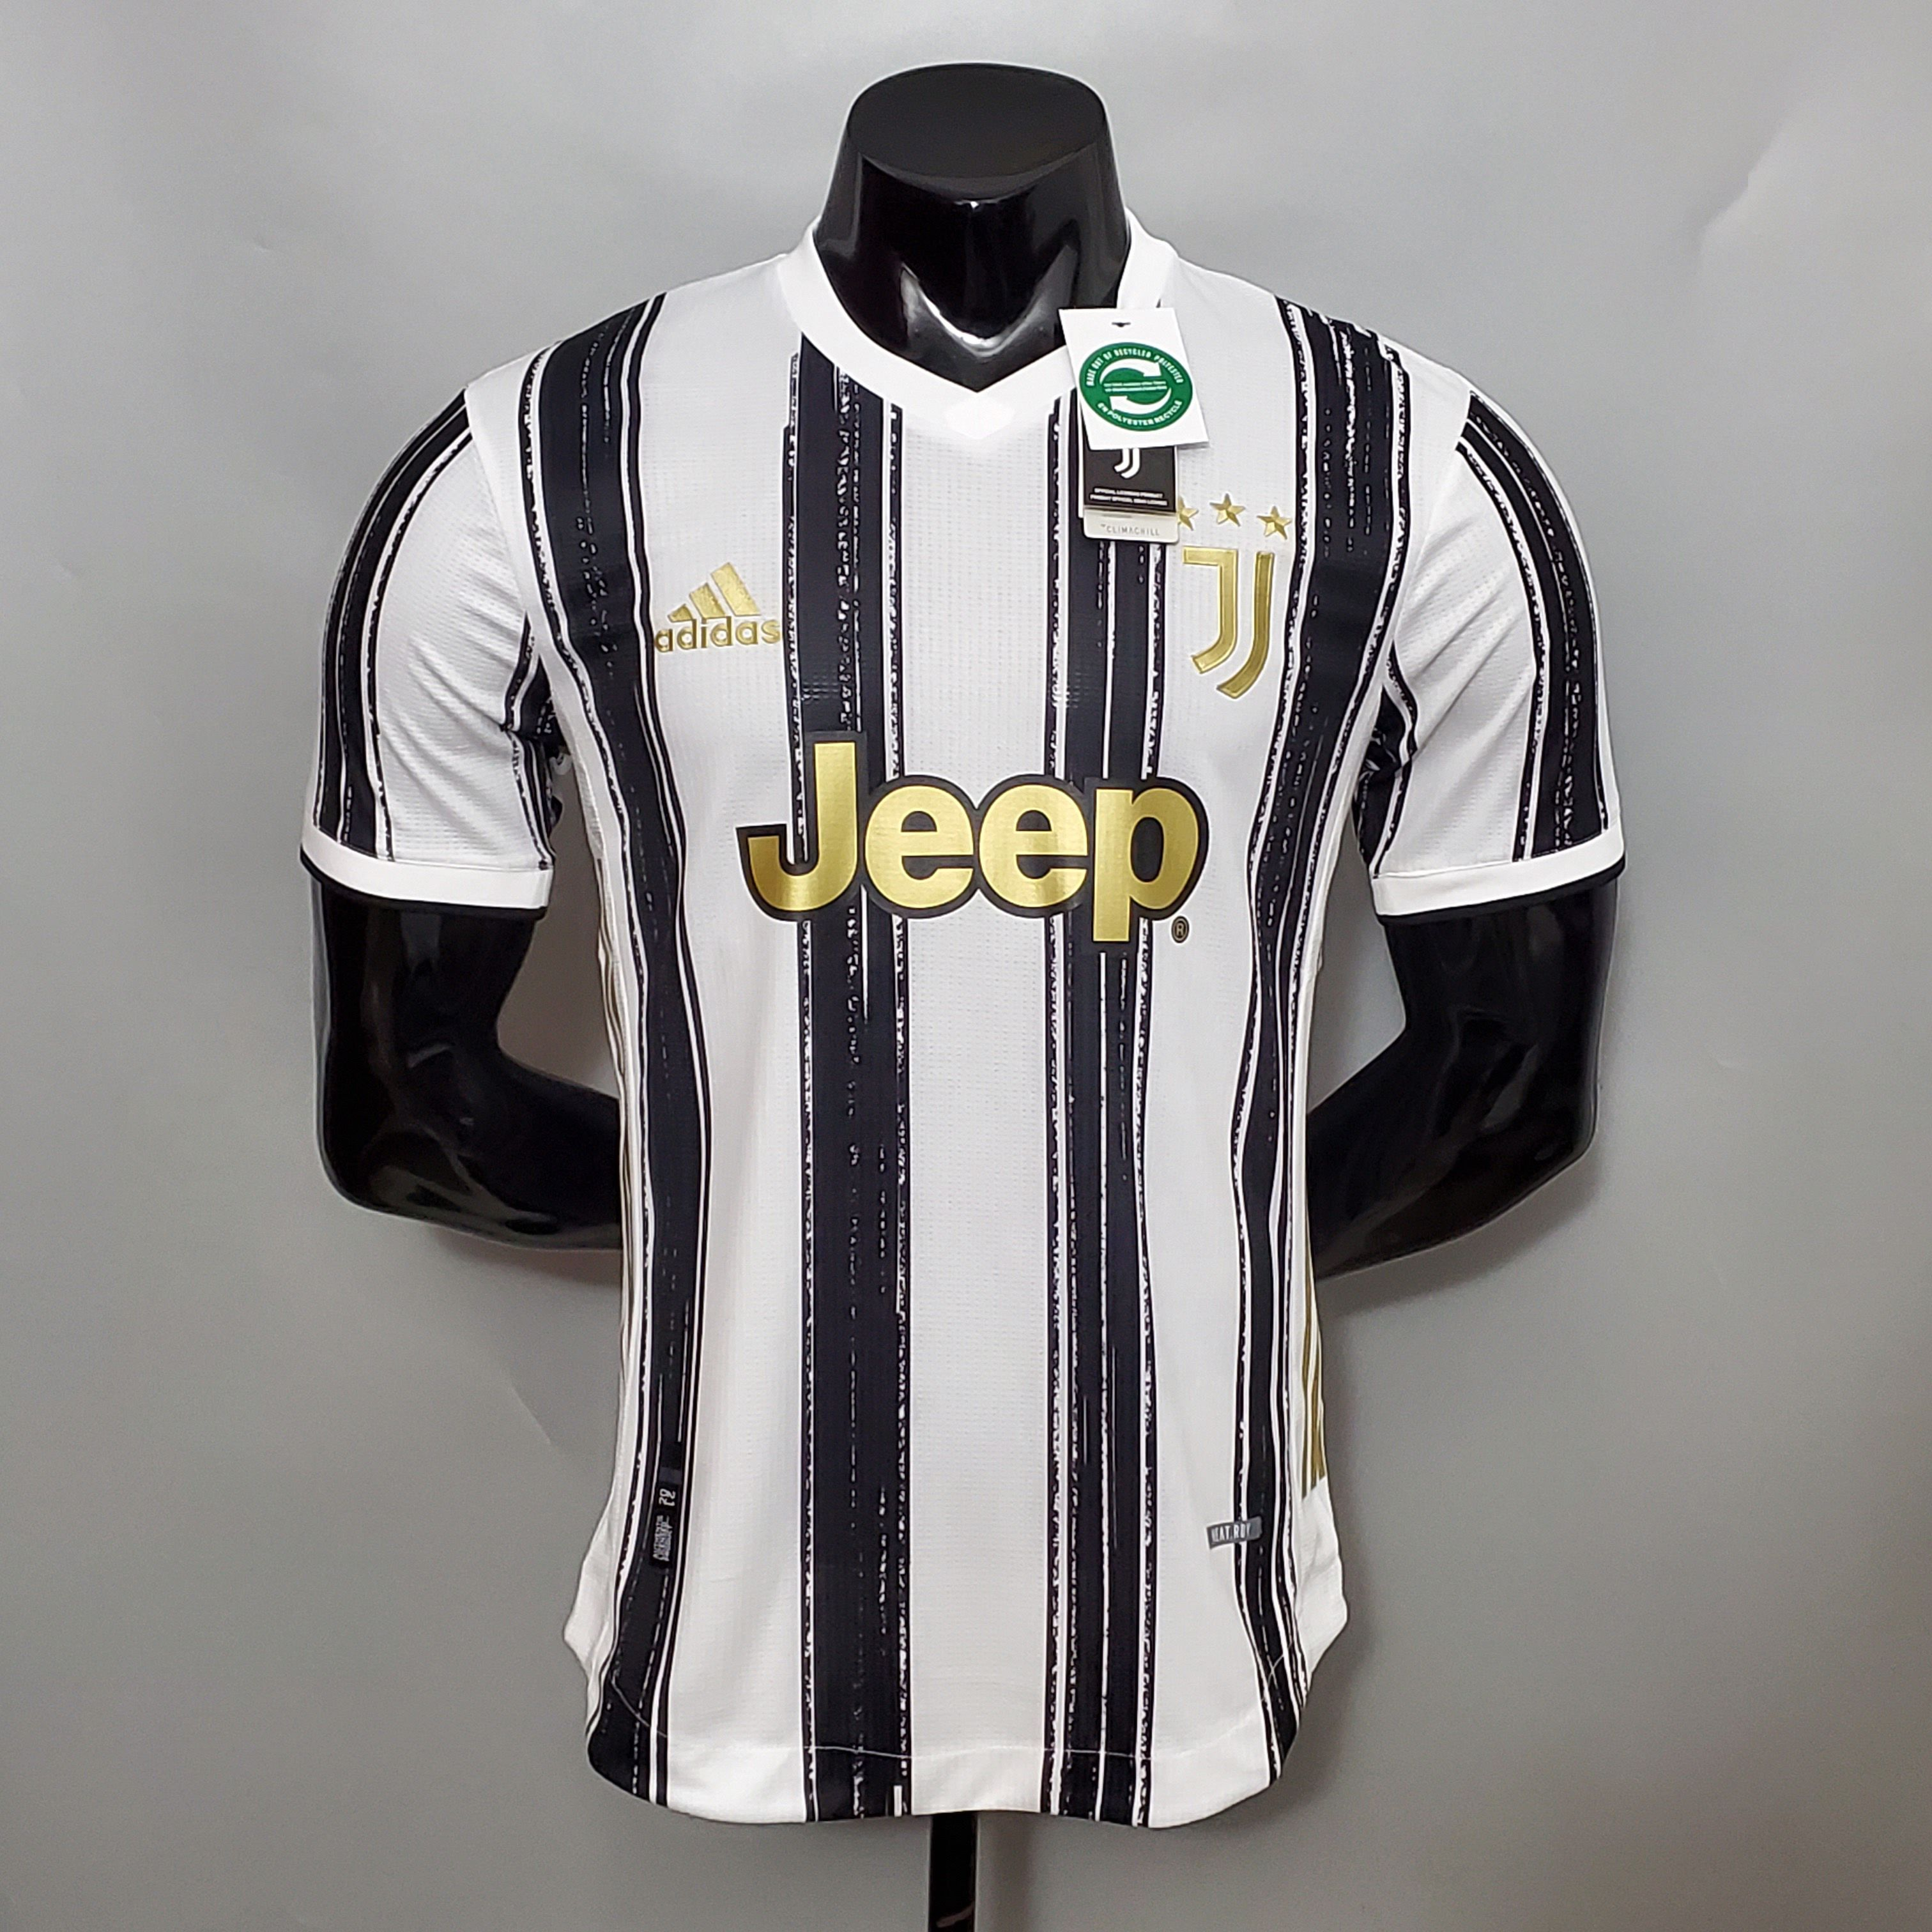 Completini maglia calcio kit 20/21 nuovi